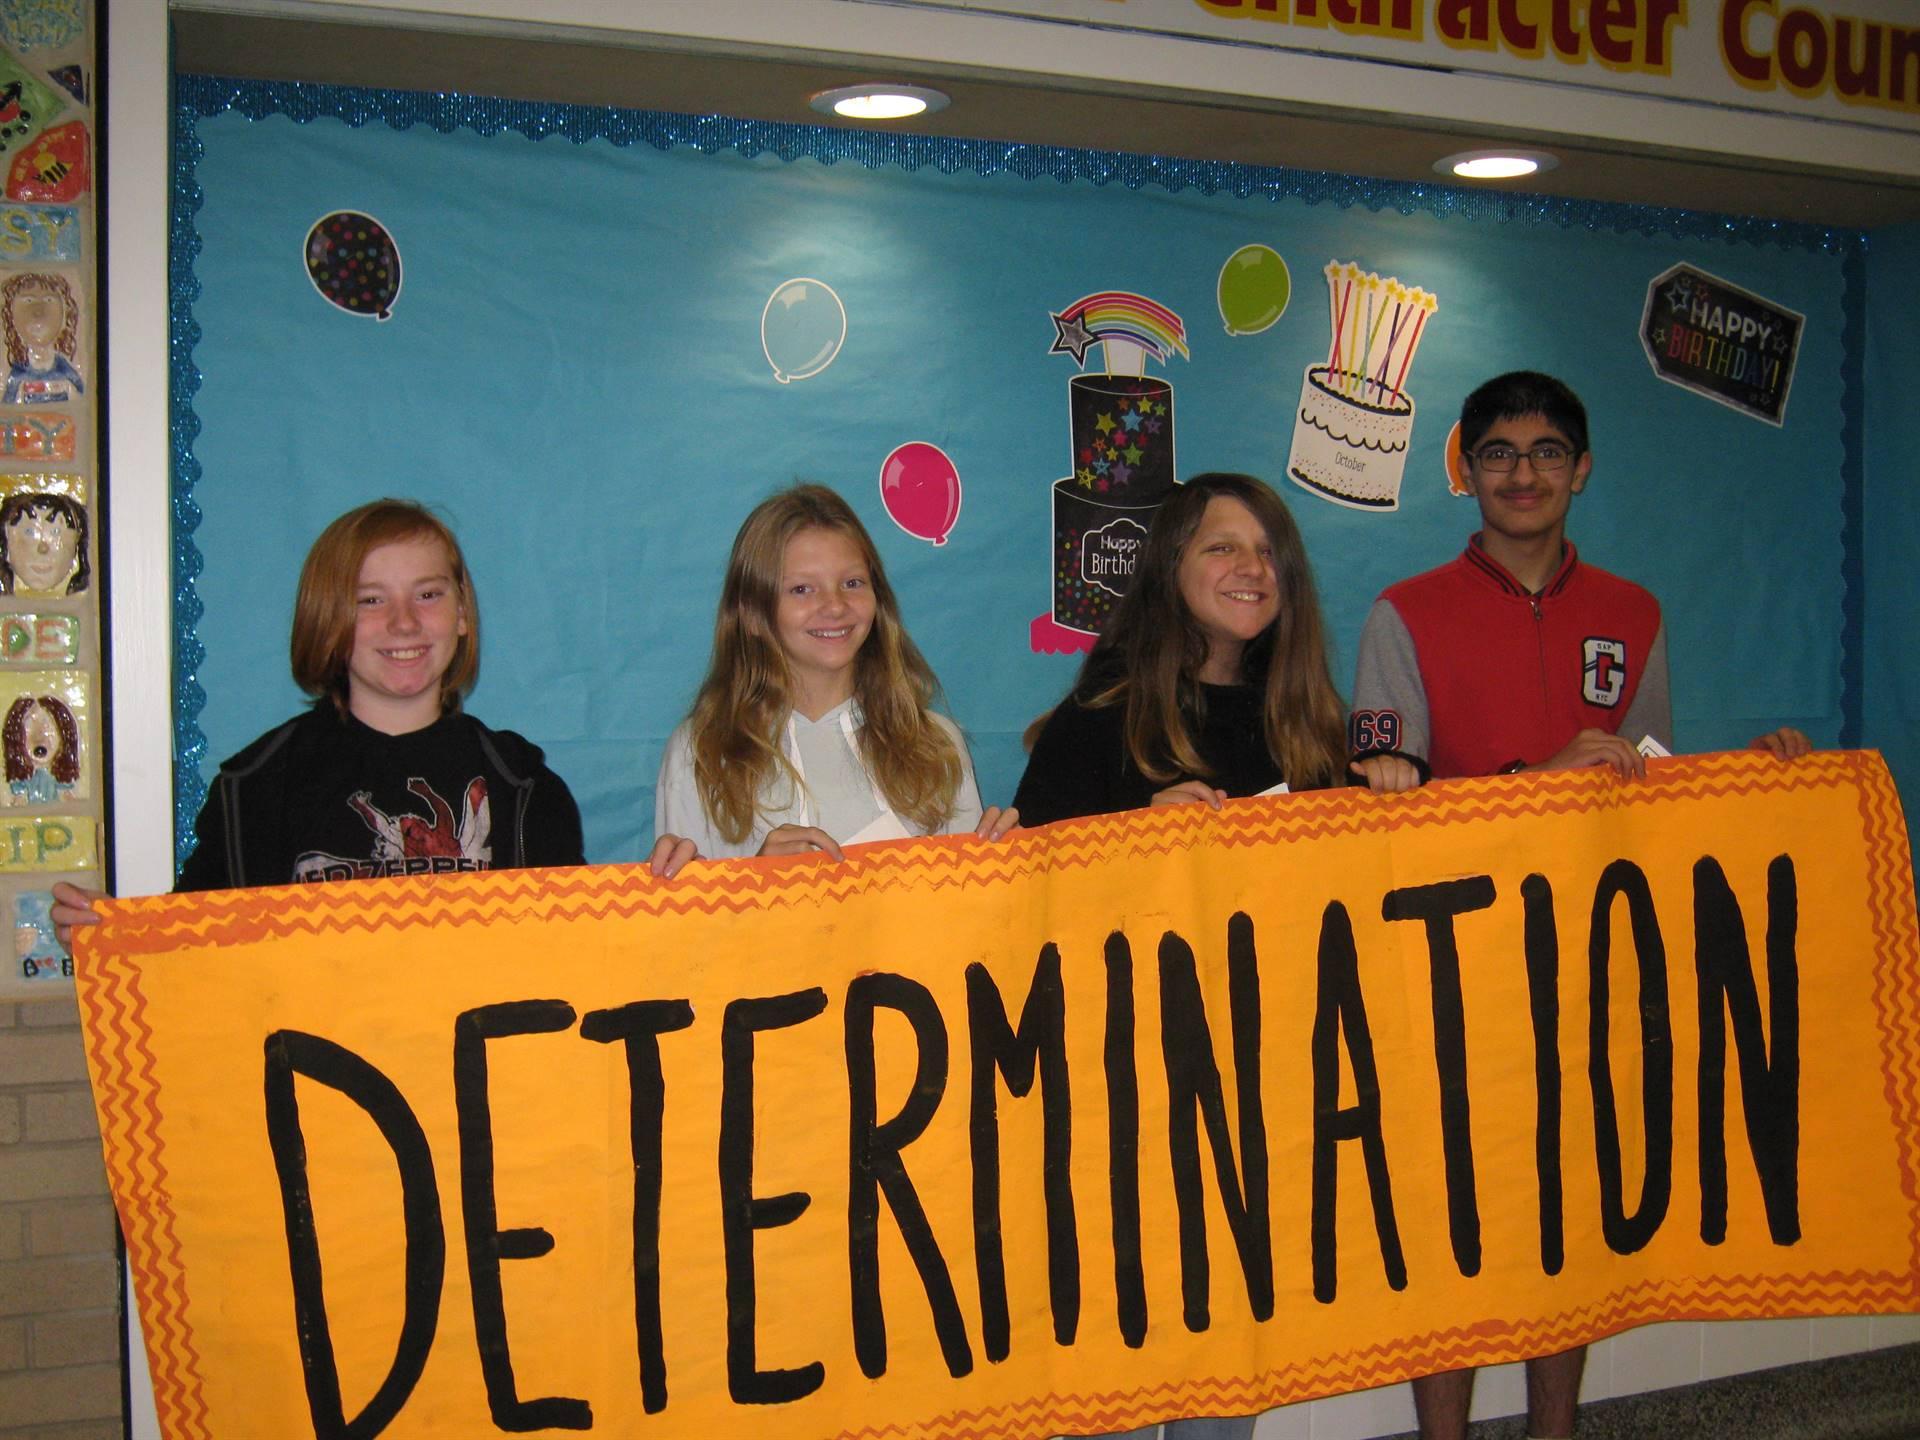 Determination middle school banner 2